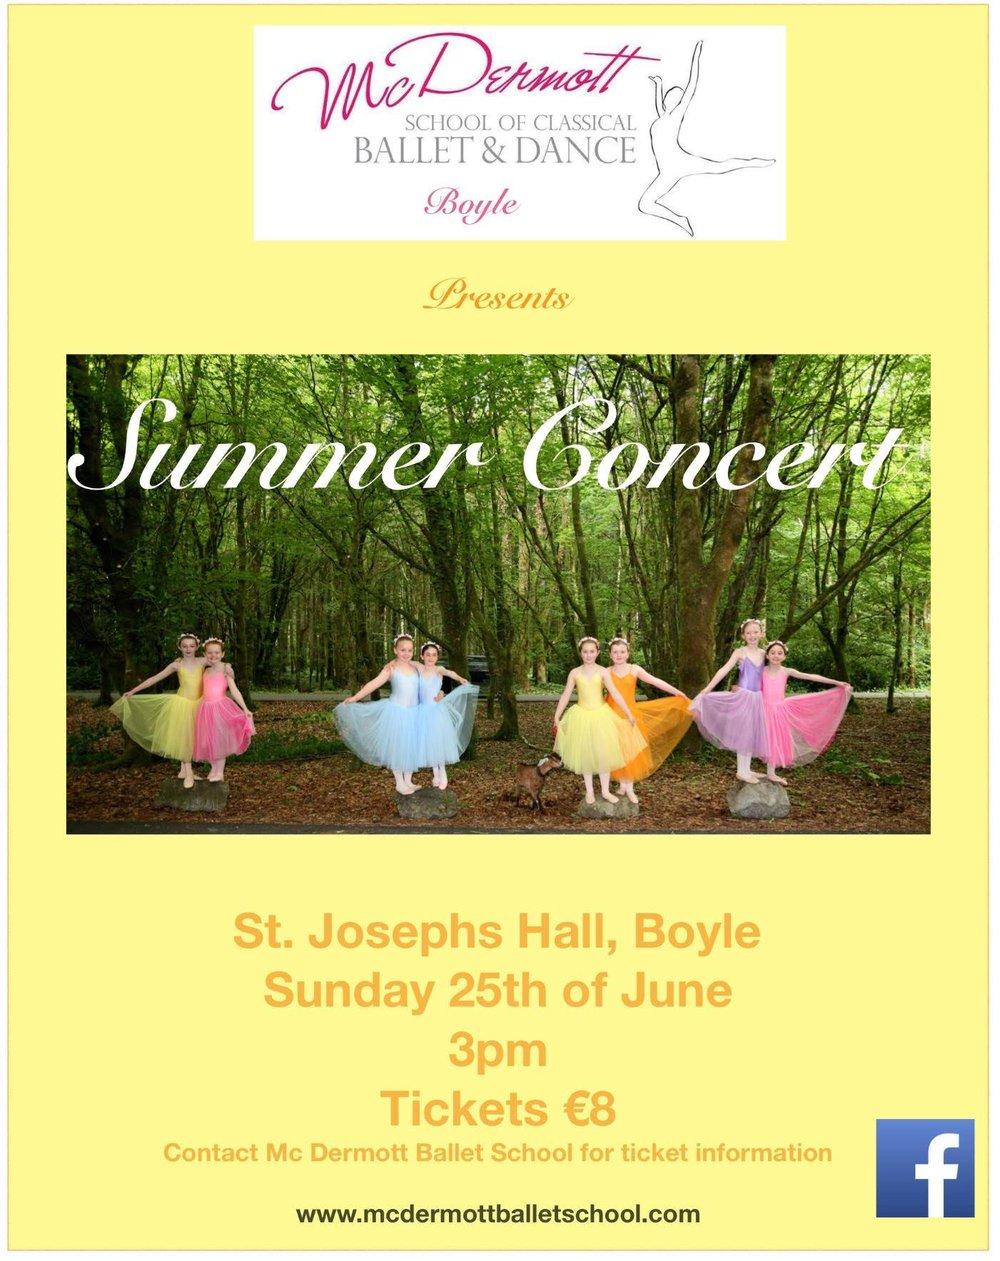 Ballet & Dance St Joseph's Hall.jpg